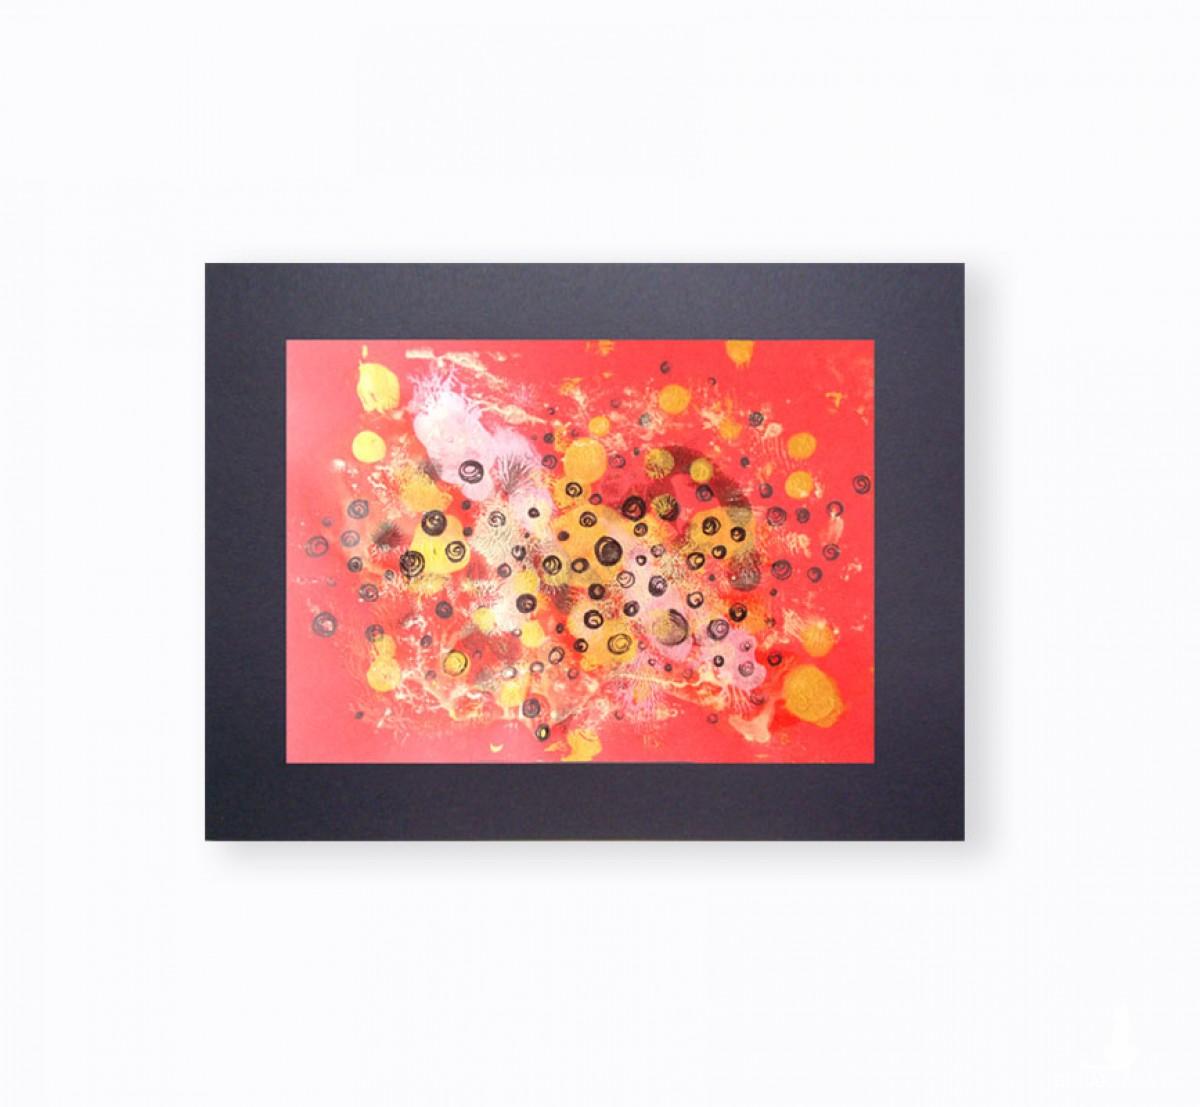 złoto czerwona grafika, czerwono złoty obraz, abstrakcja do loftu, minimalizm grafika na ścianę